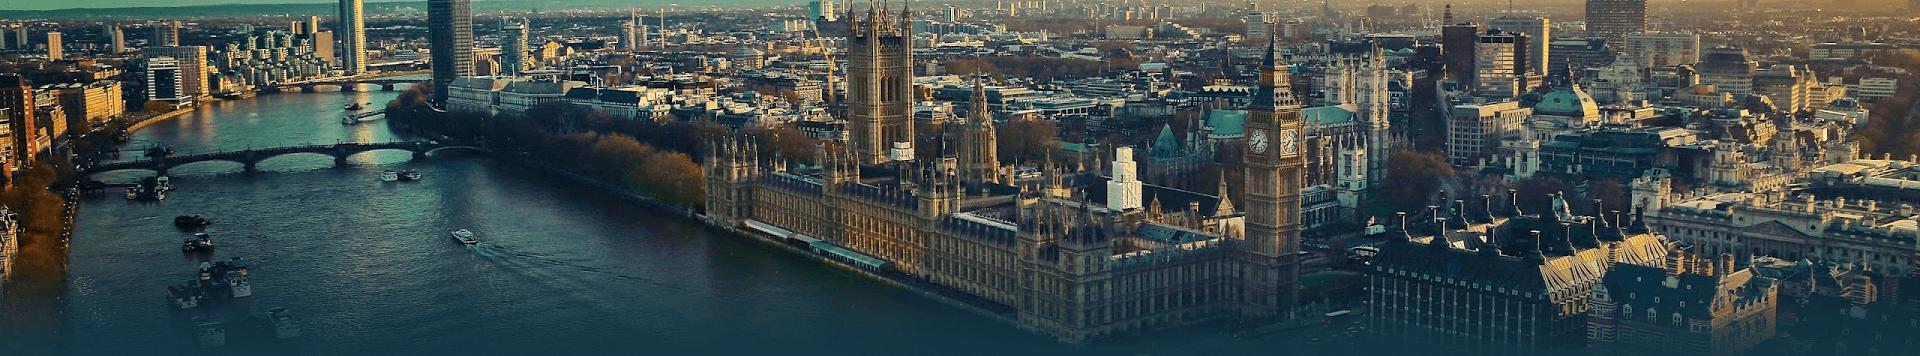 london eye v3